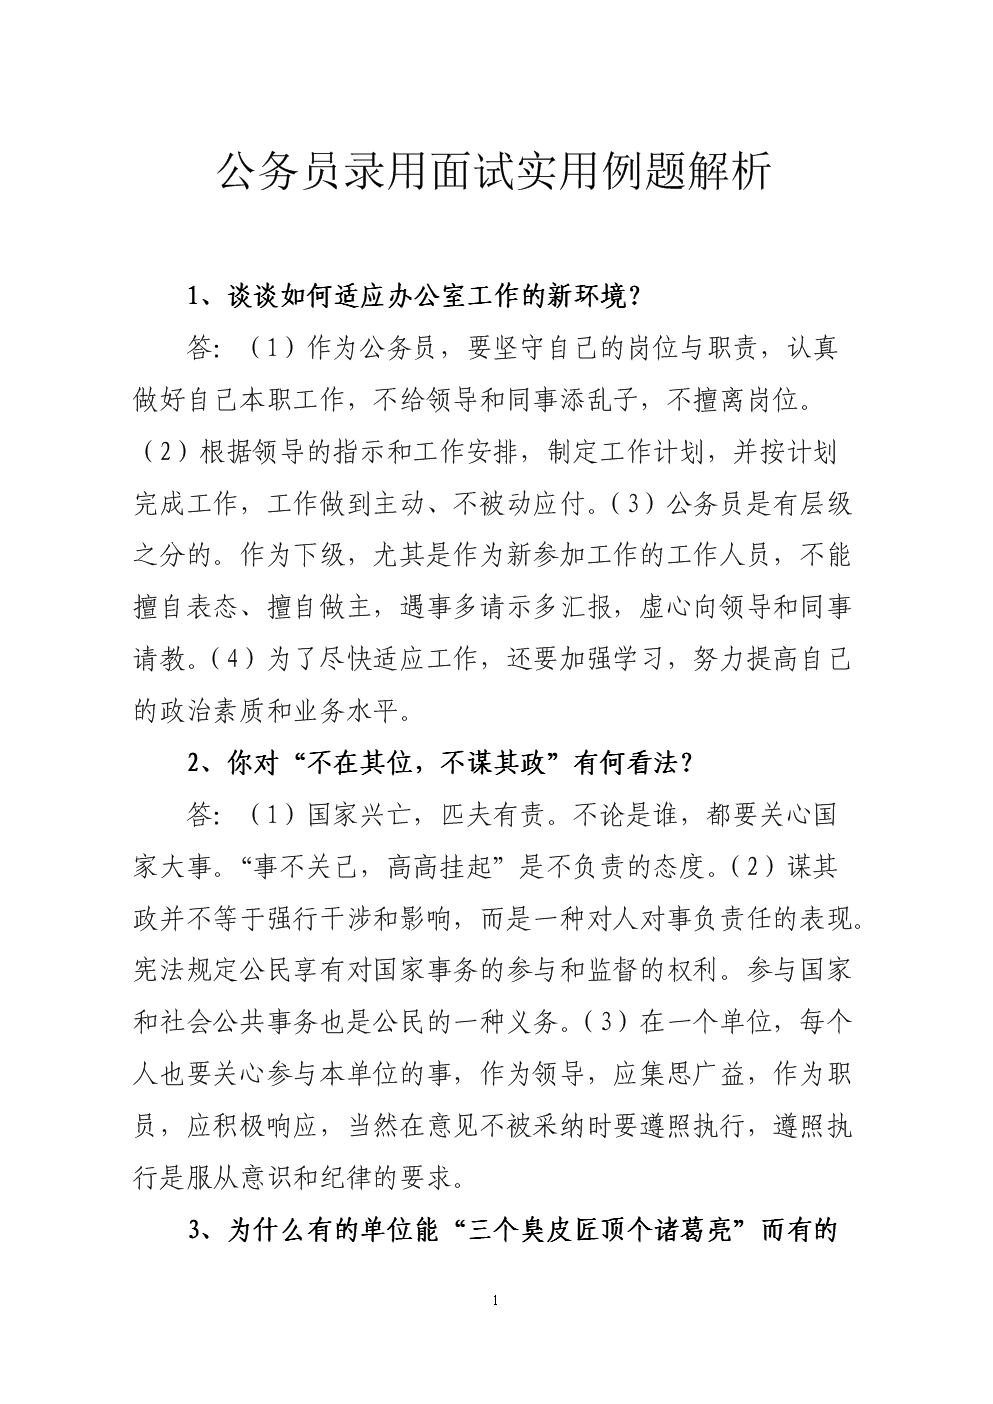 公务员录用面试例题解析.doc